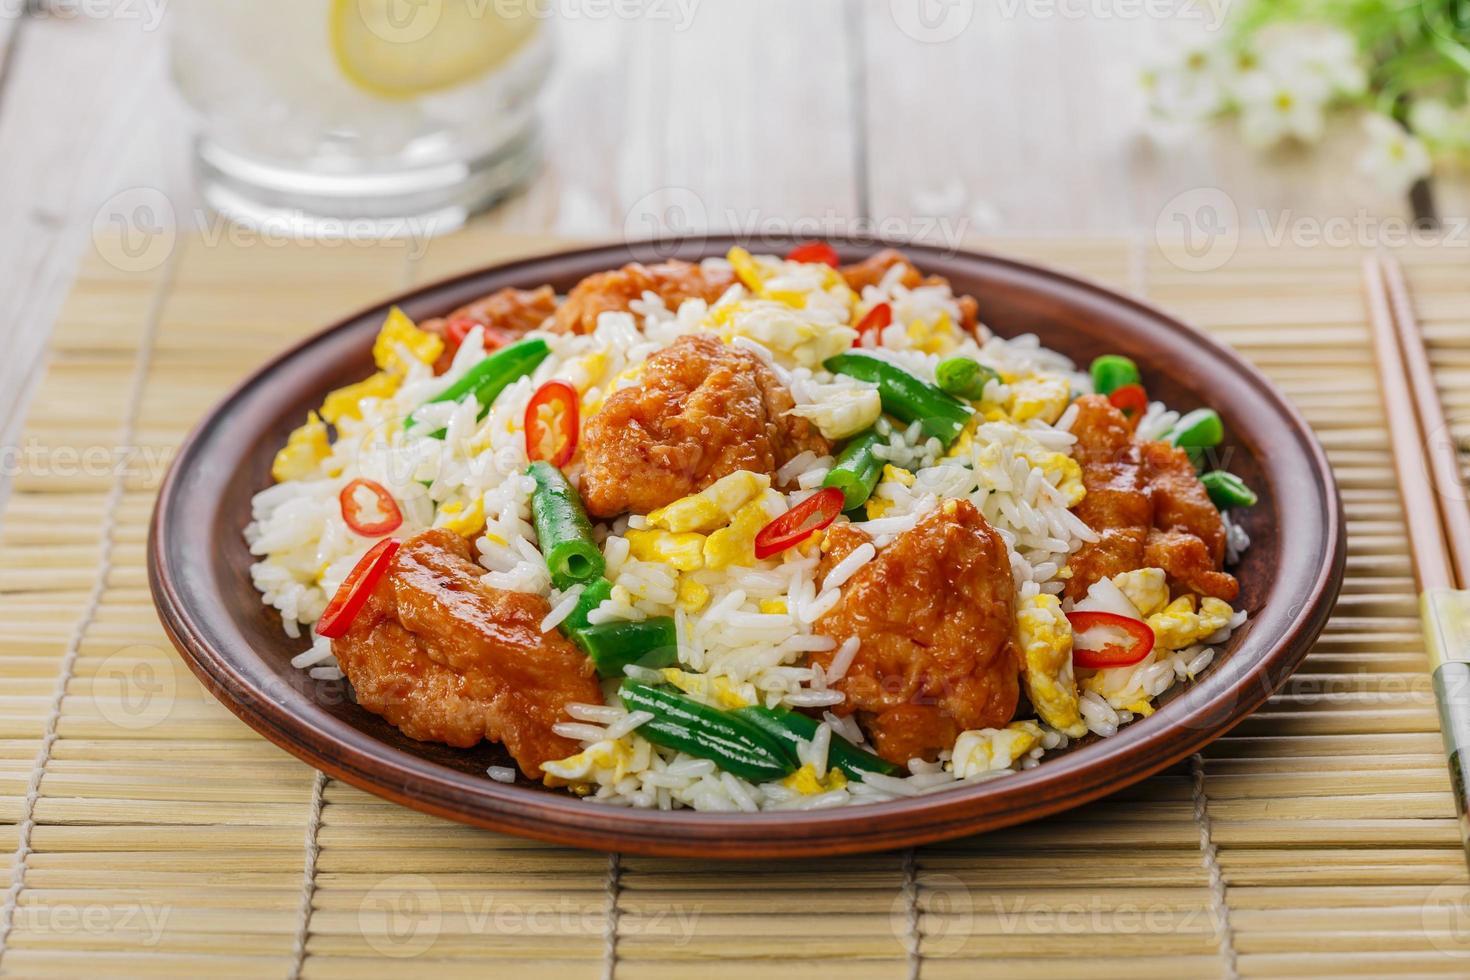 gebakken rijst met ei en kip foto